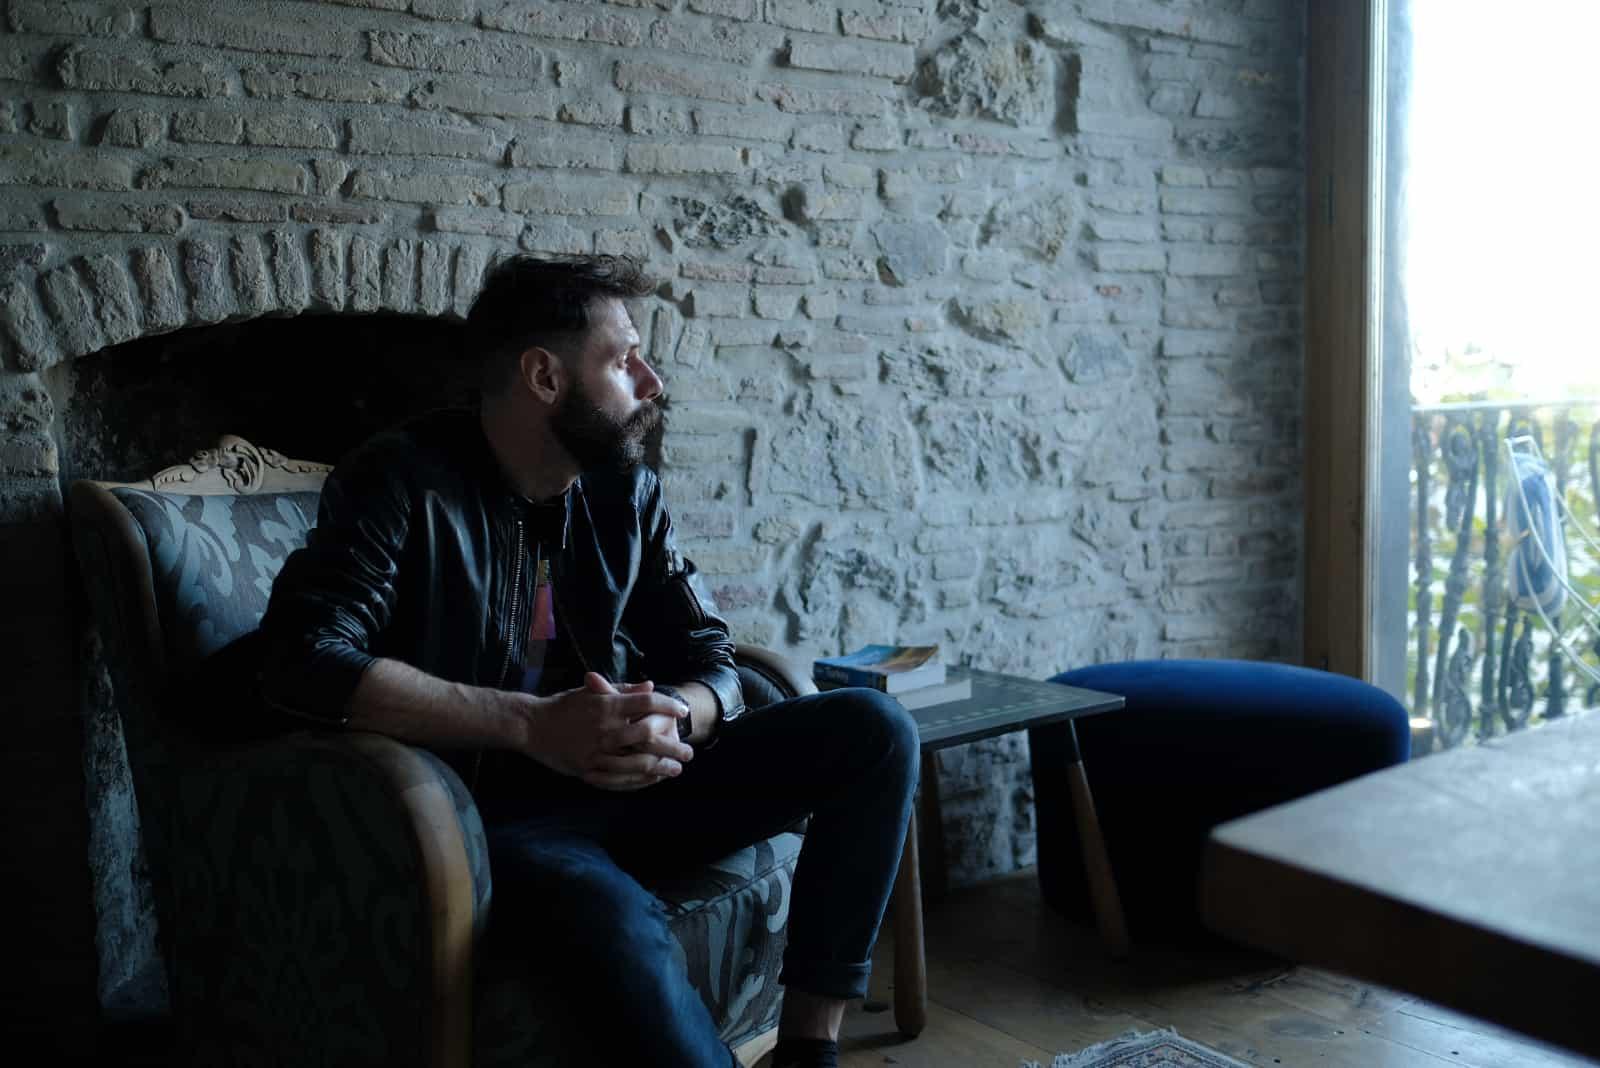 Homme pensif assis sur un fauteuil regardant à travers la fenêtre